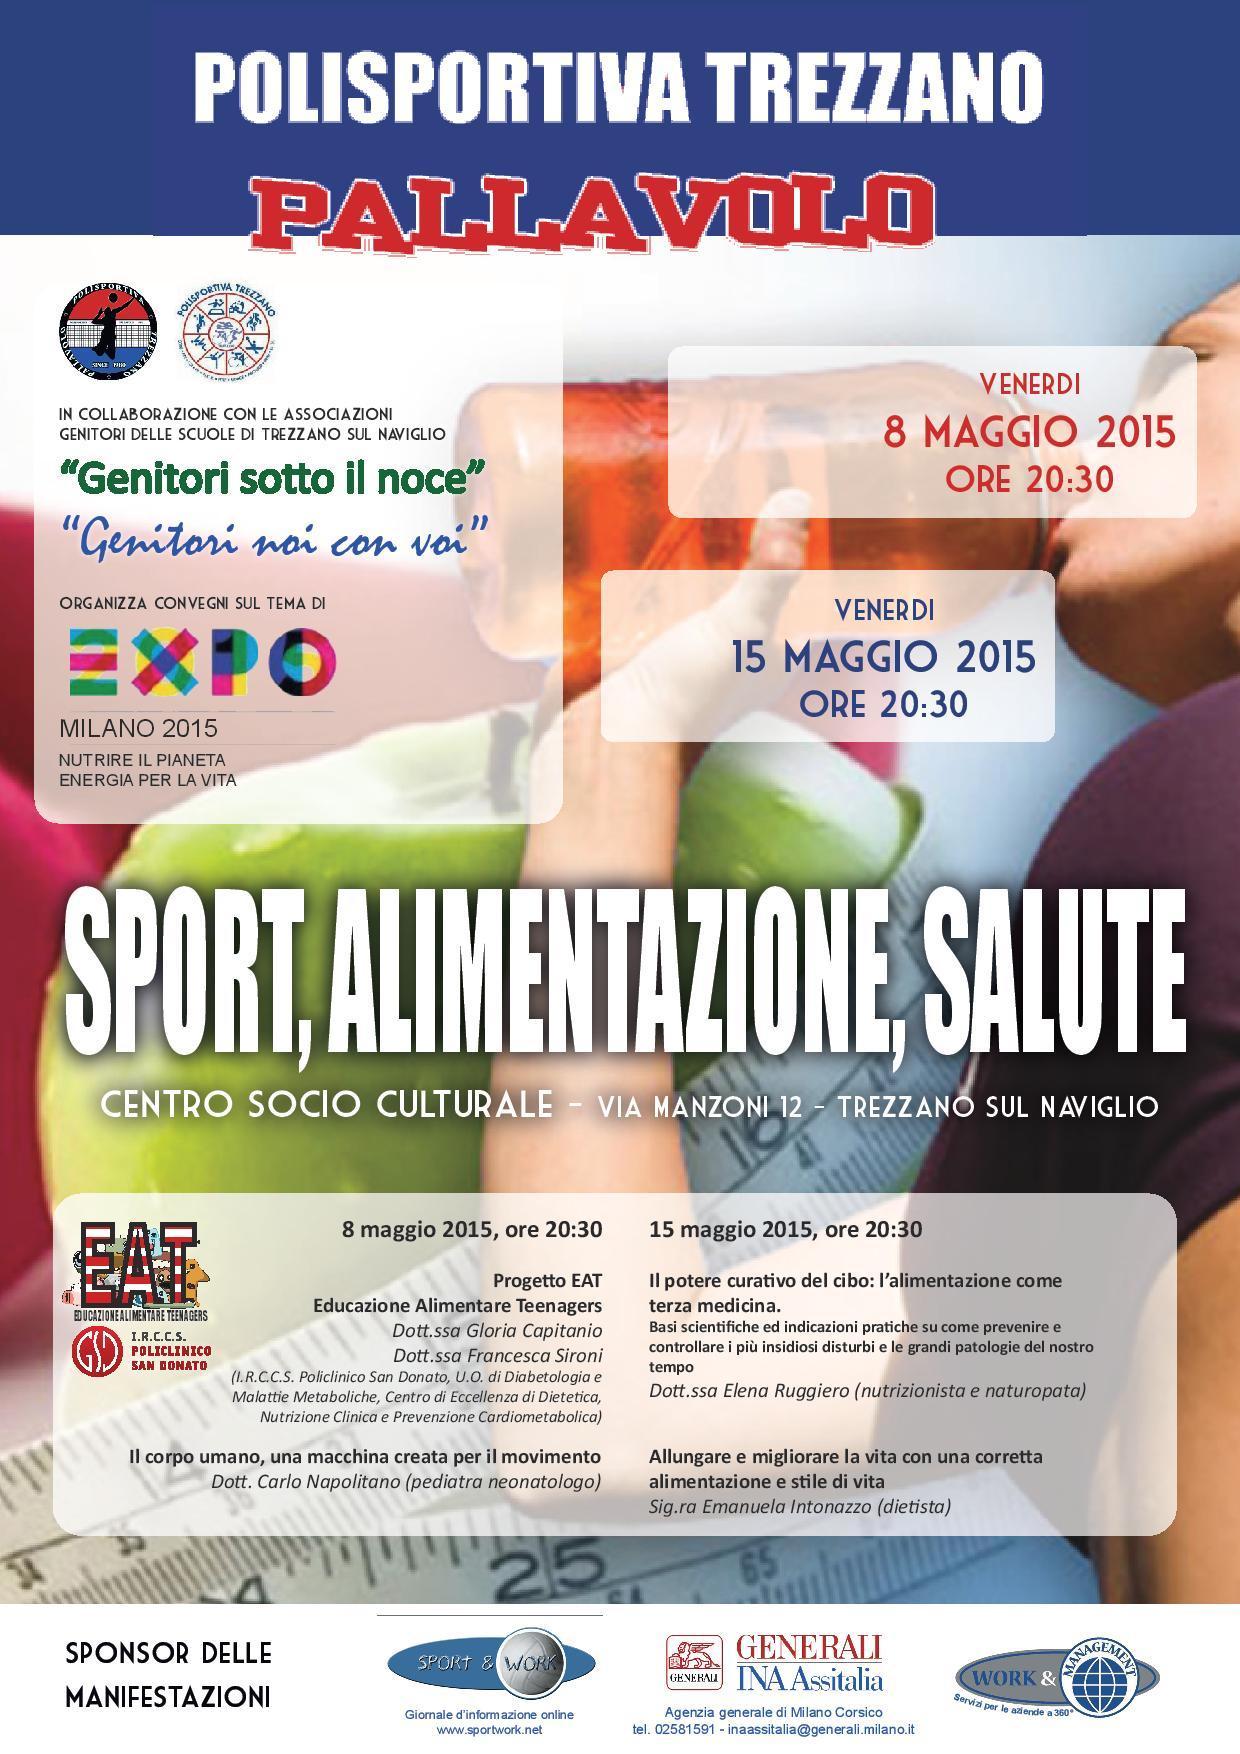 Sport, Alimentazione, Salute, convegni di grande spessore – 8 e 15 maggio 2015